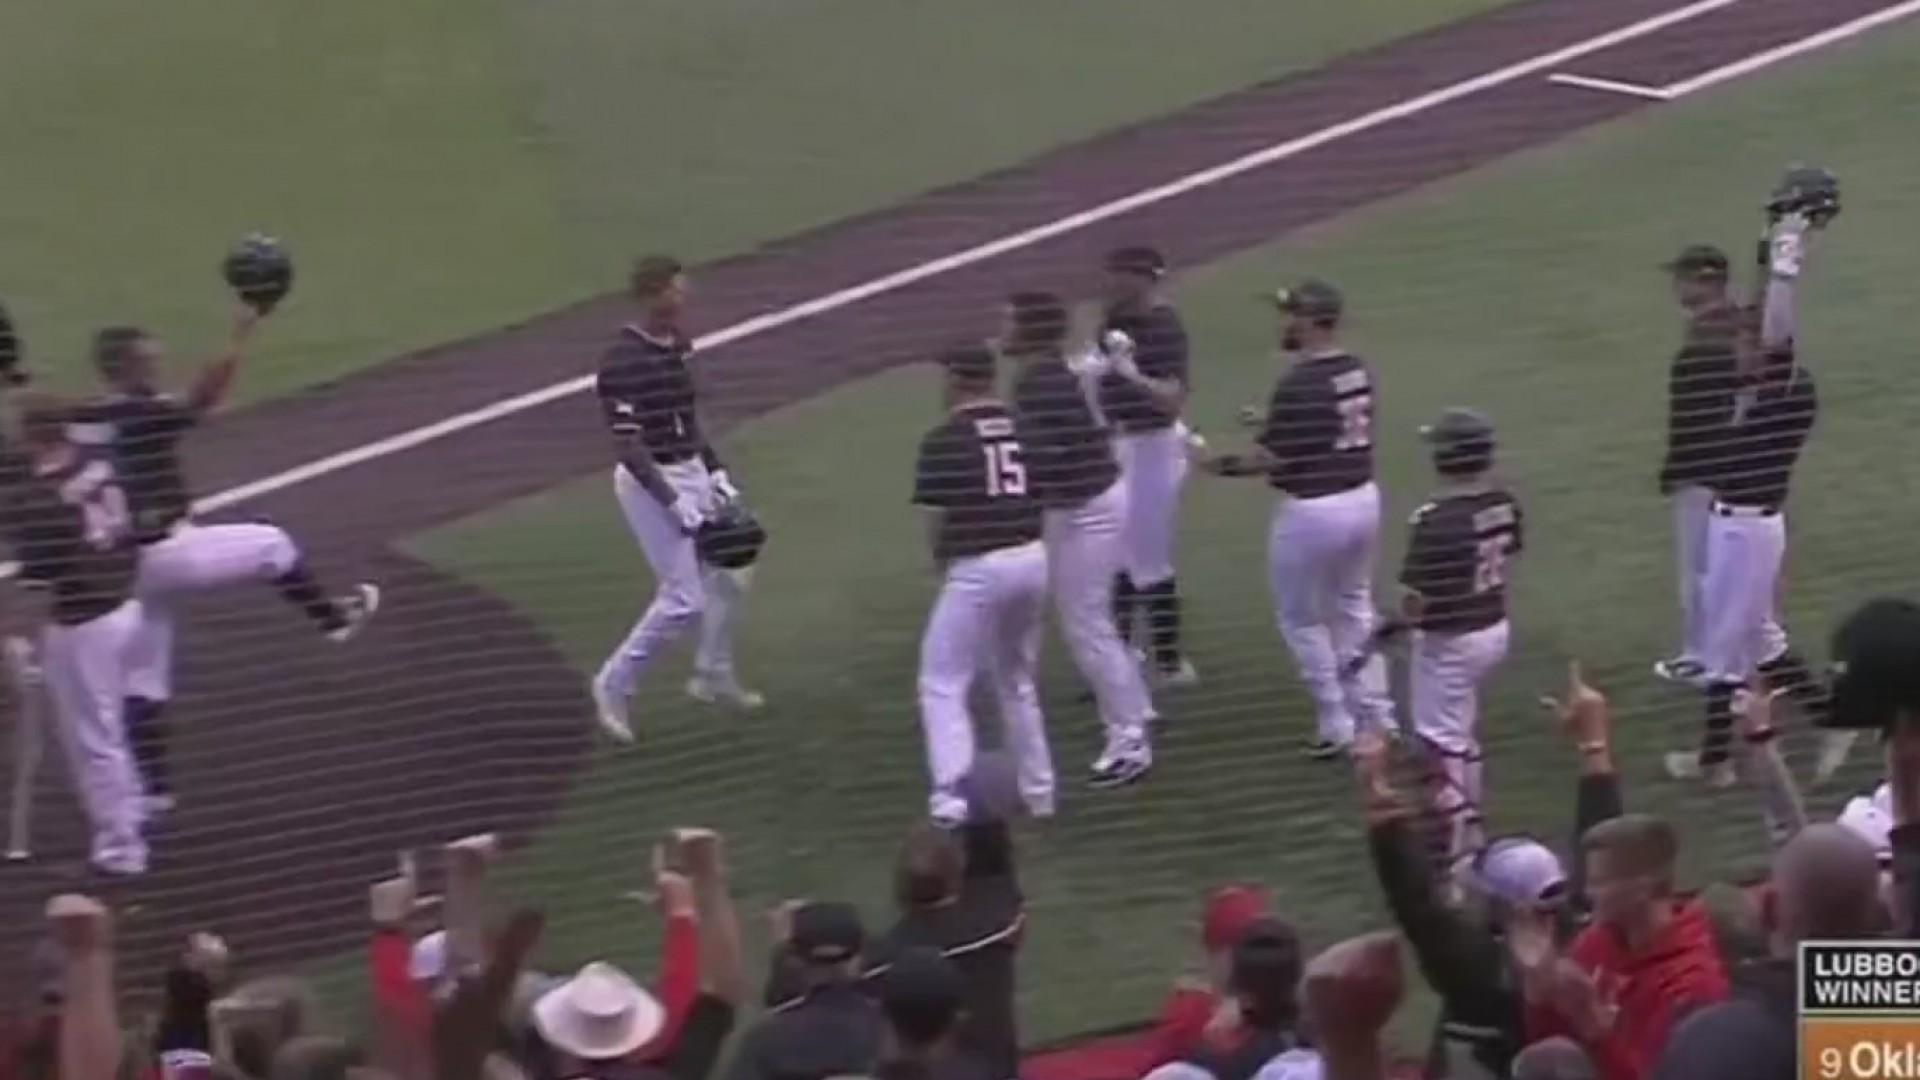 Texas Tech wins Super Regional